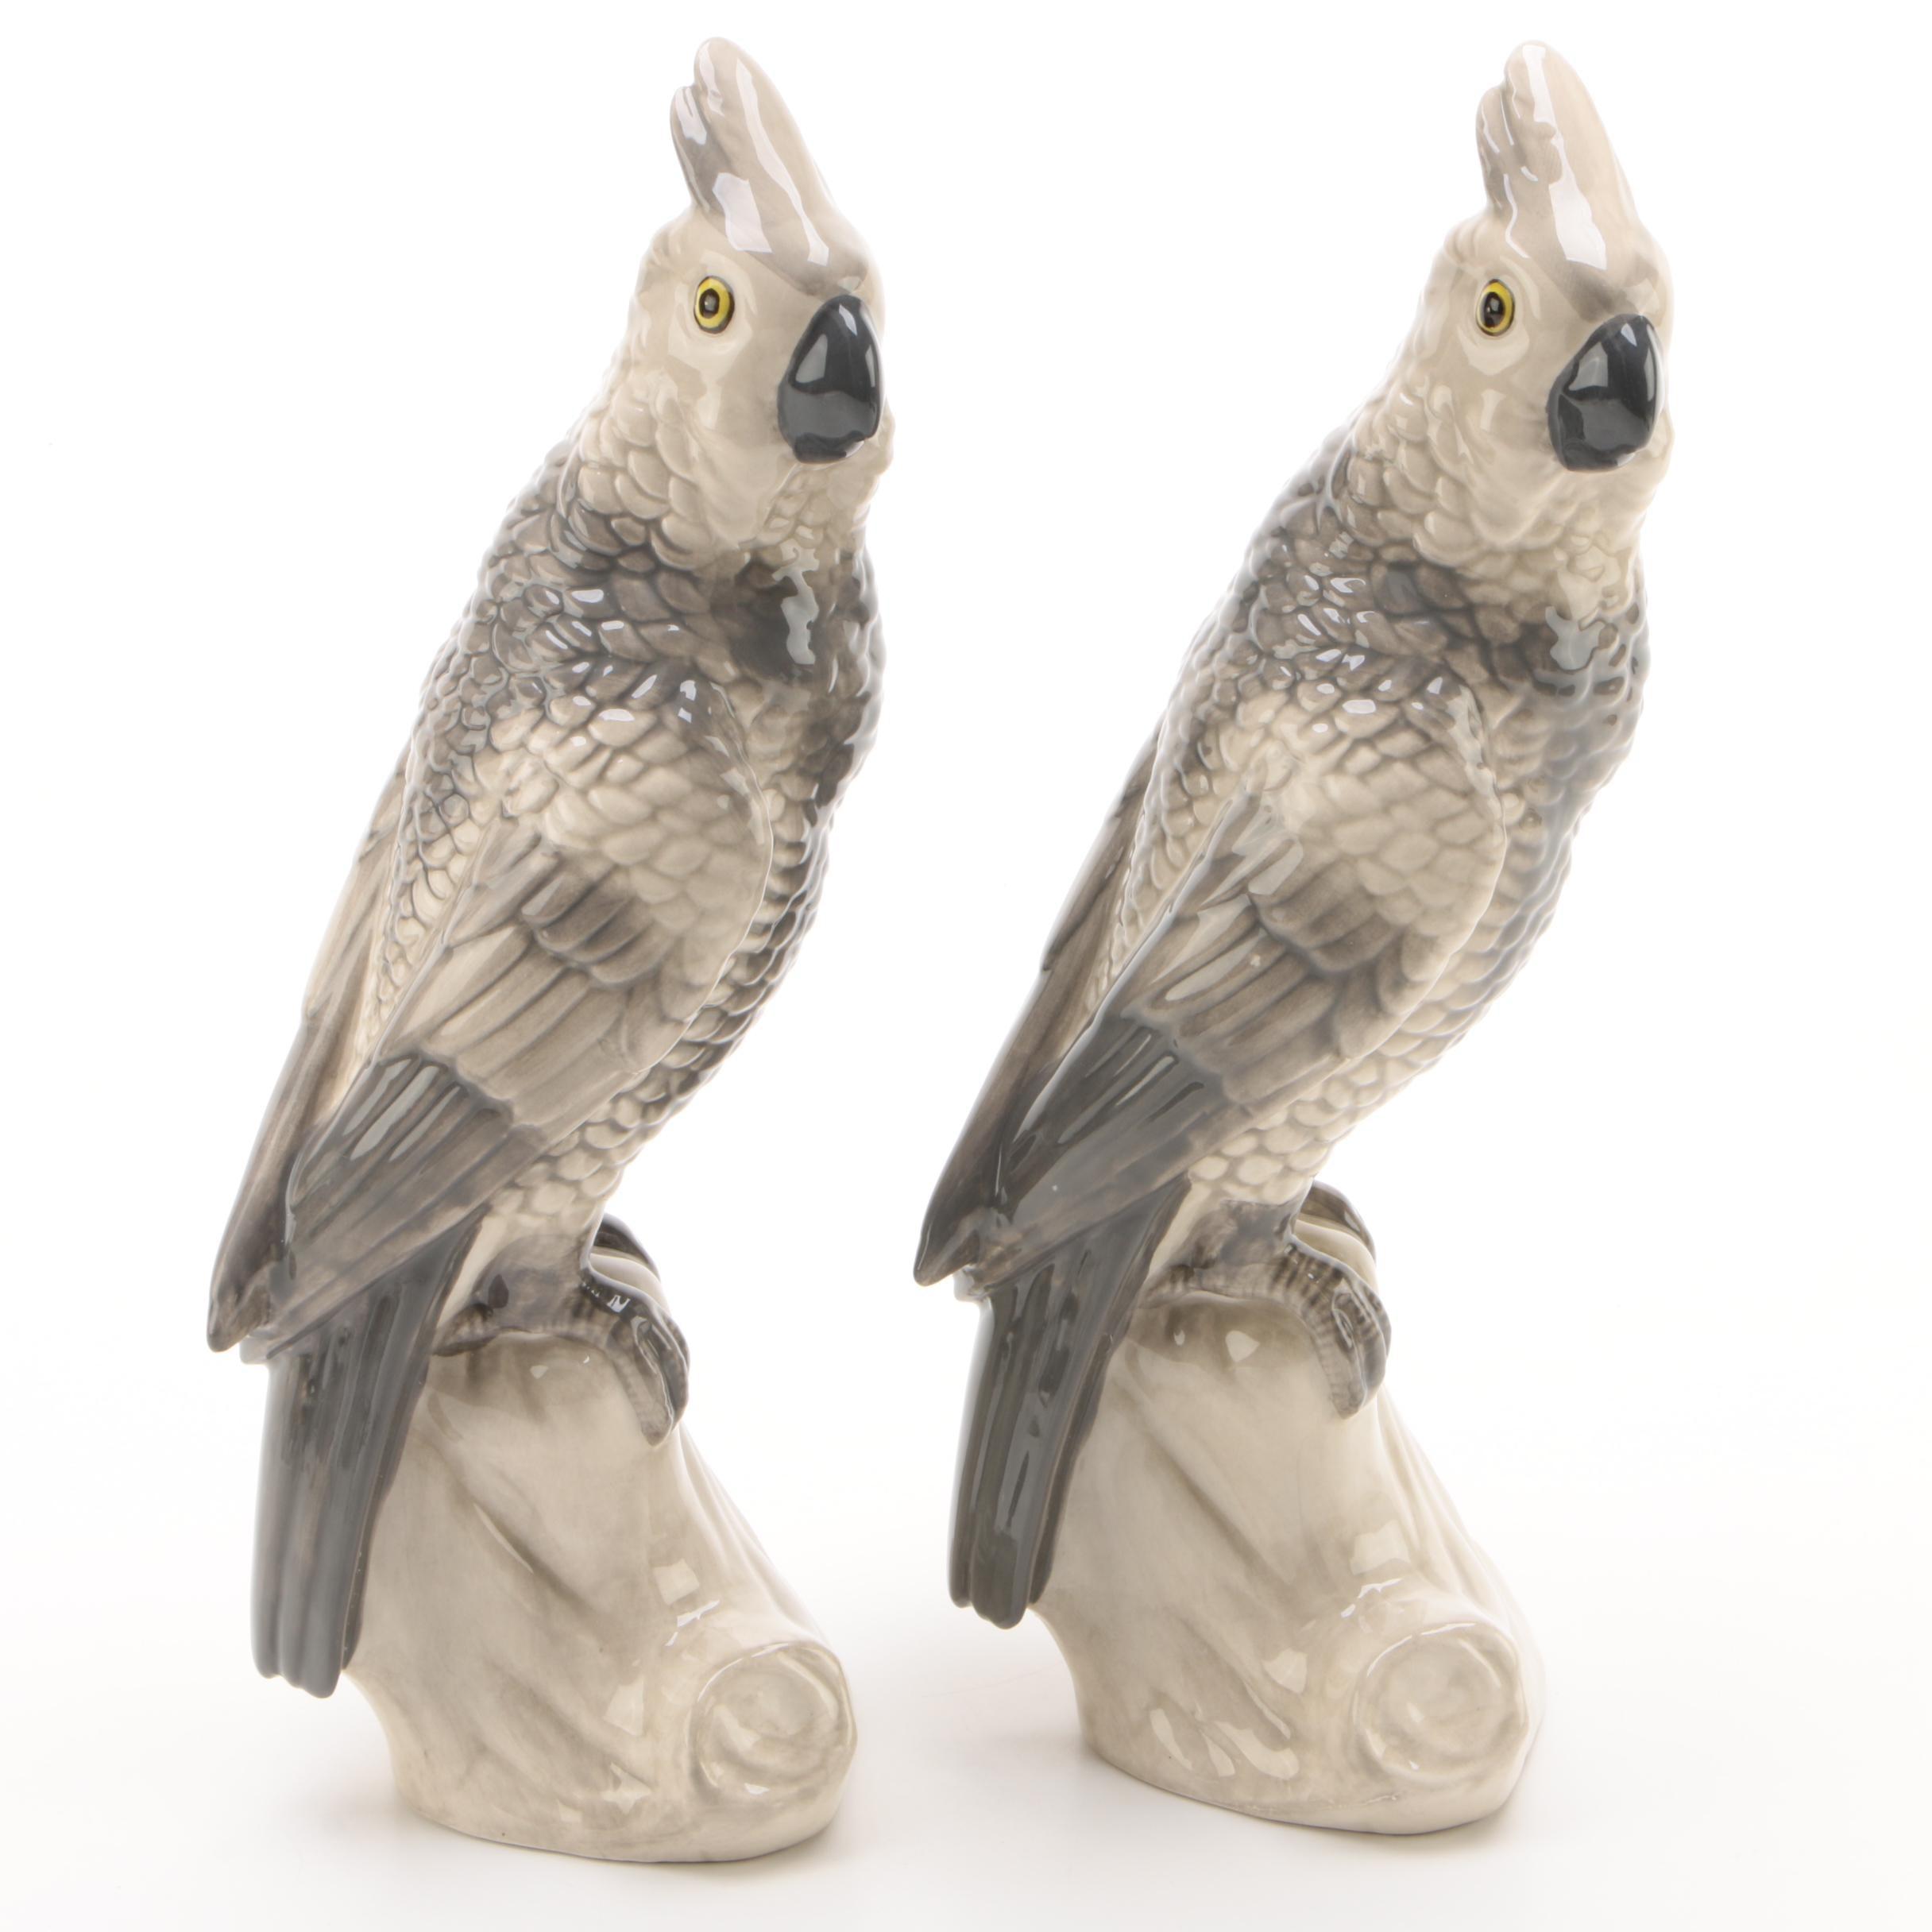 Pair of Ceramic Cockatoos